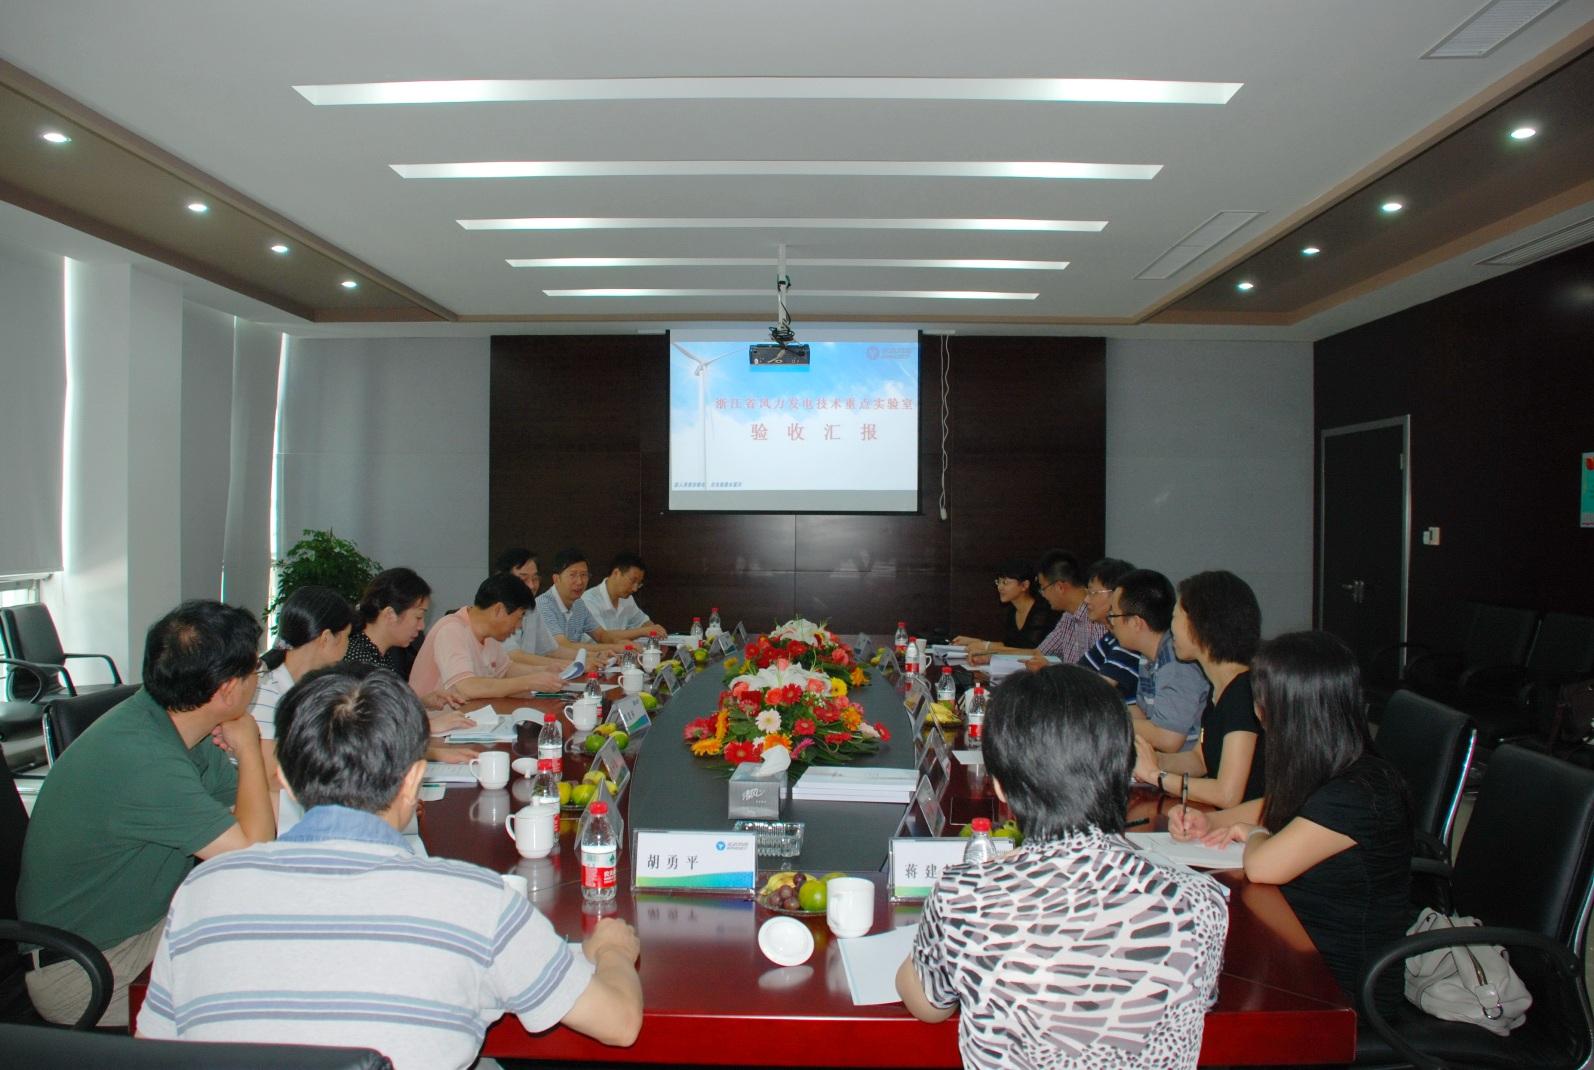 浙江省风力发电技术重点实验室建设项目顺利通过验收20120822 .JPG